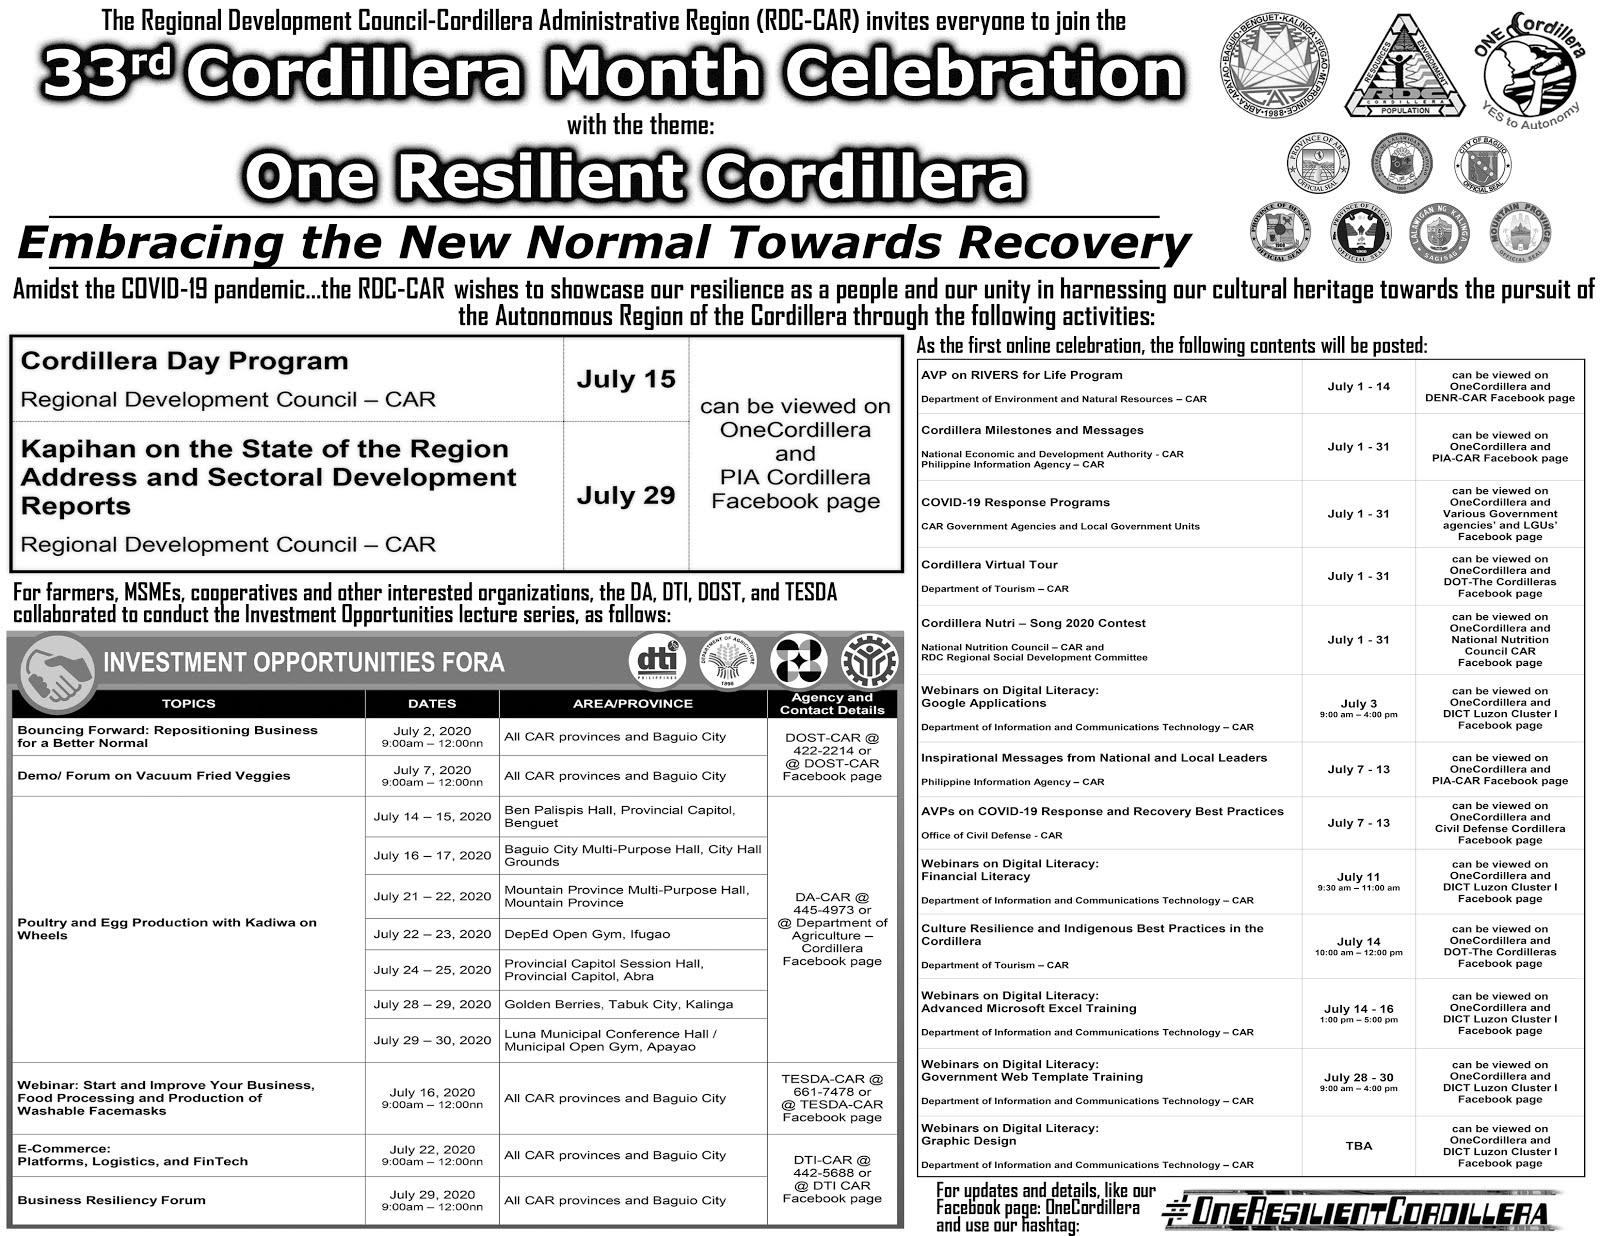 Happy Cordillera Month